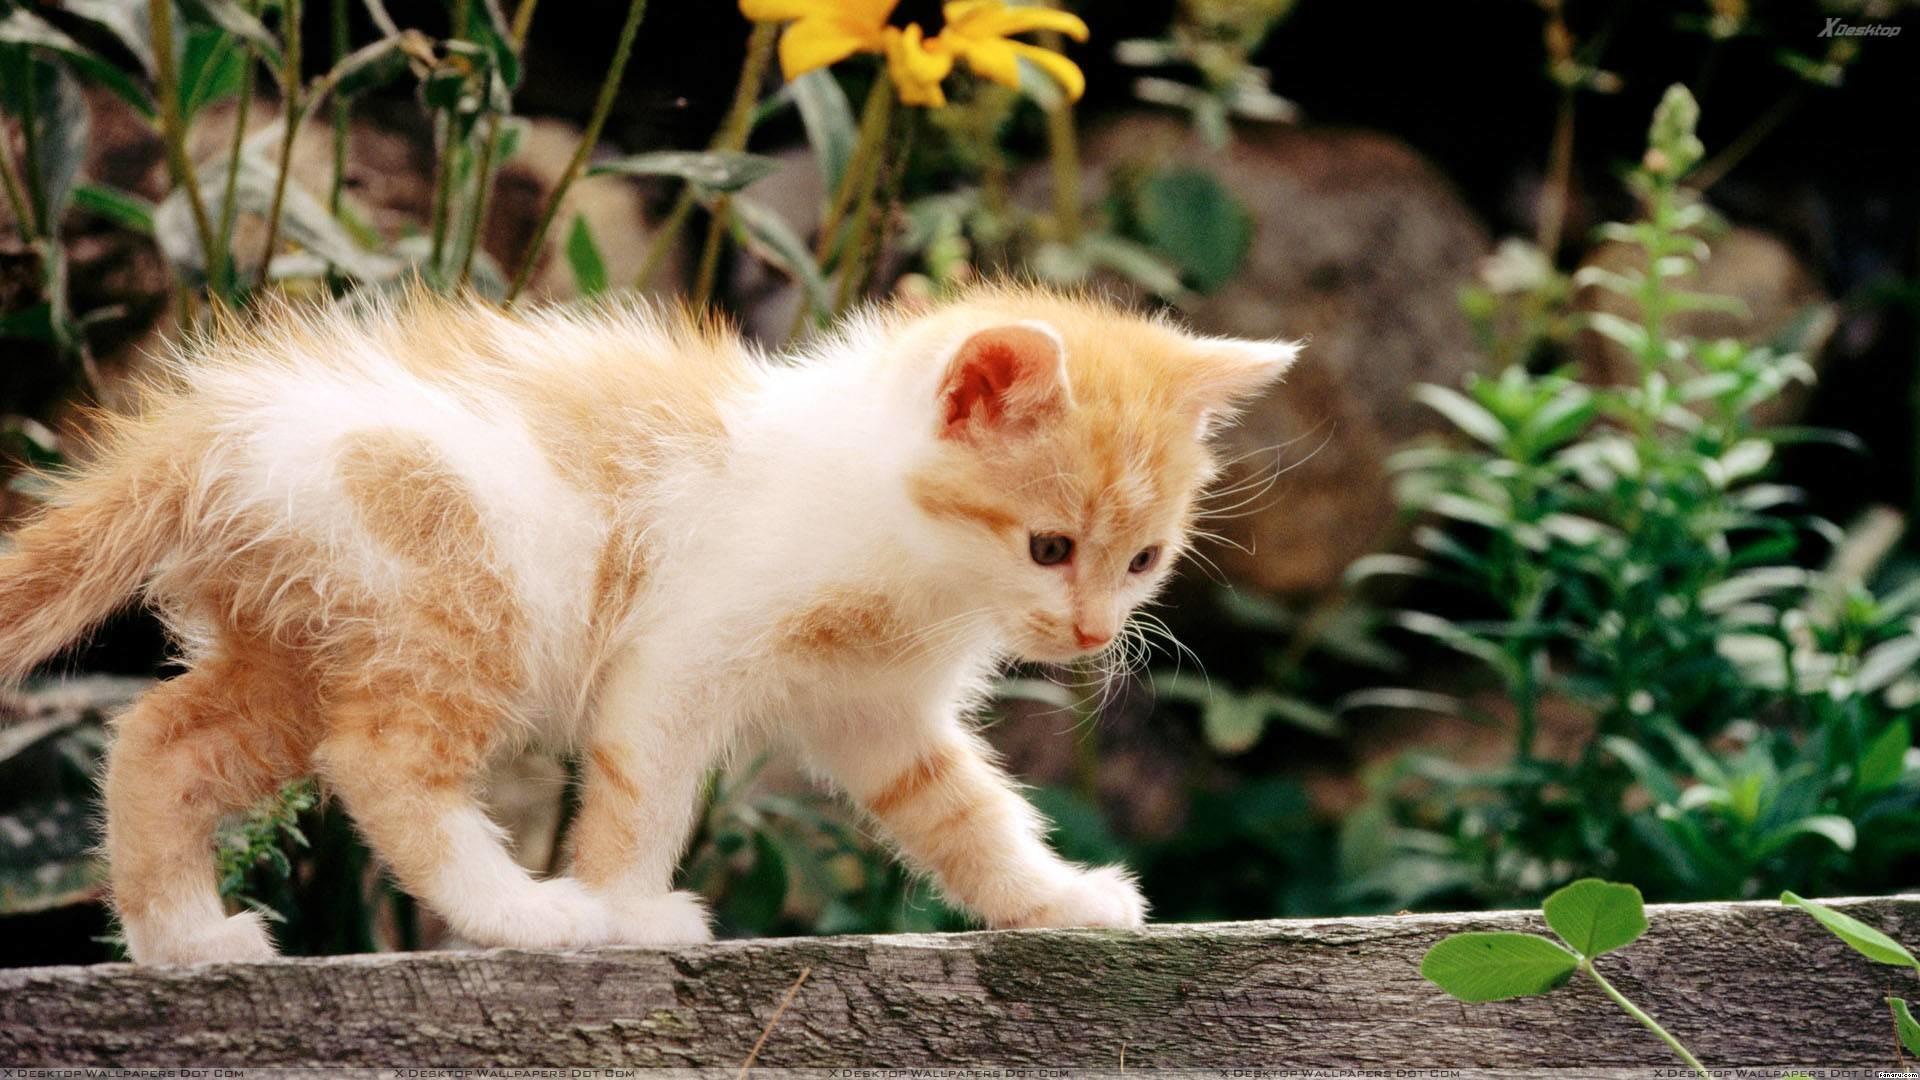 46268-cats-adorable-cute-cat-hd-wallpaper-1080-